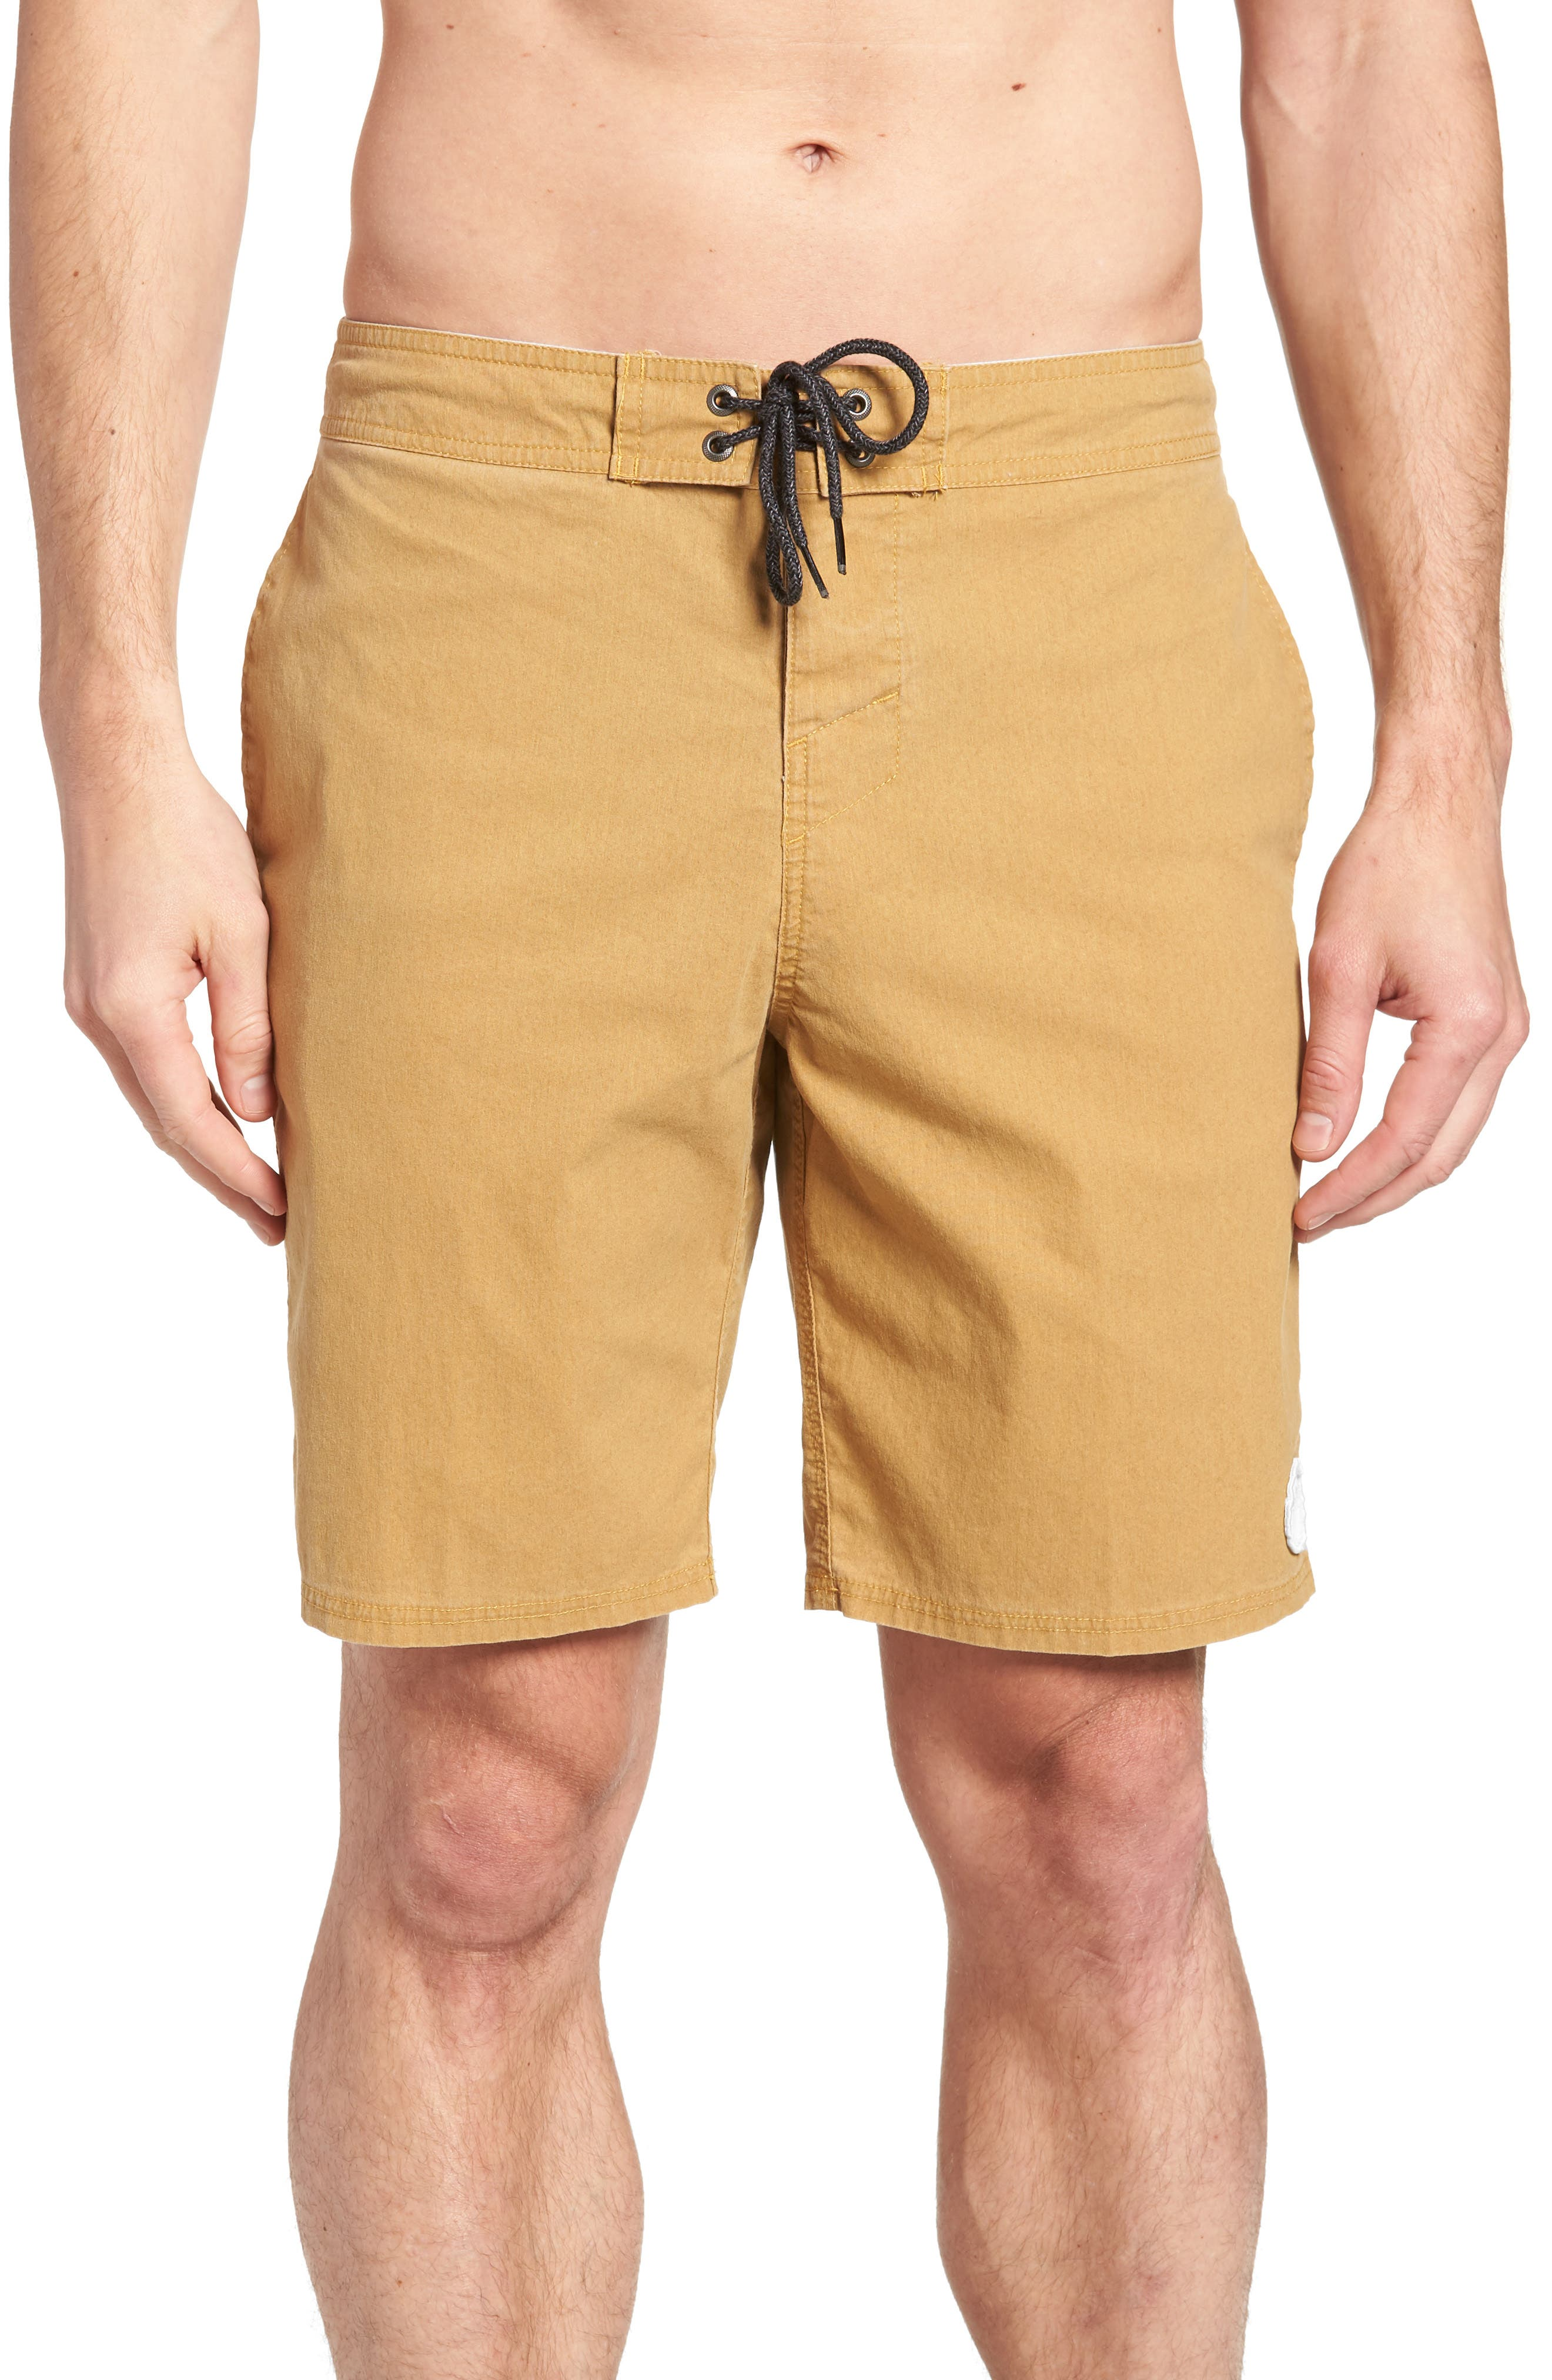 Faded Cruzer Board Shorts,                             Main thumbnail 1, color,                             206